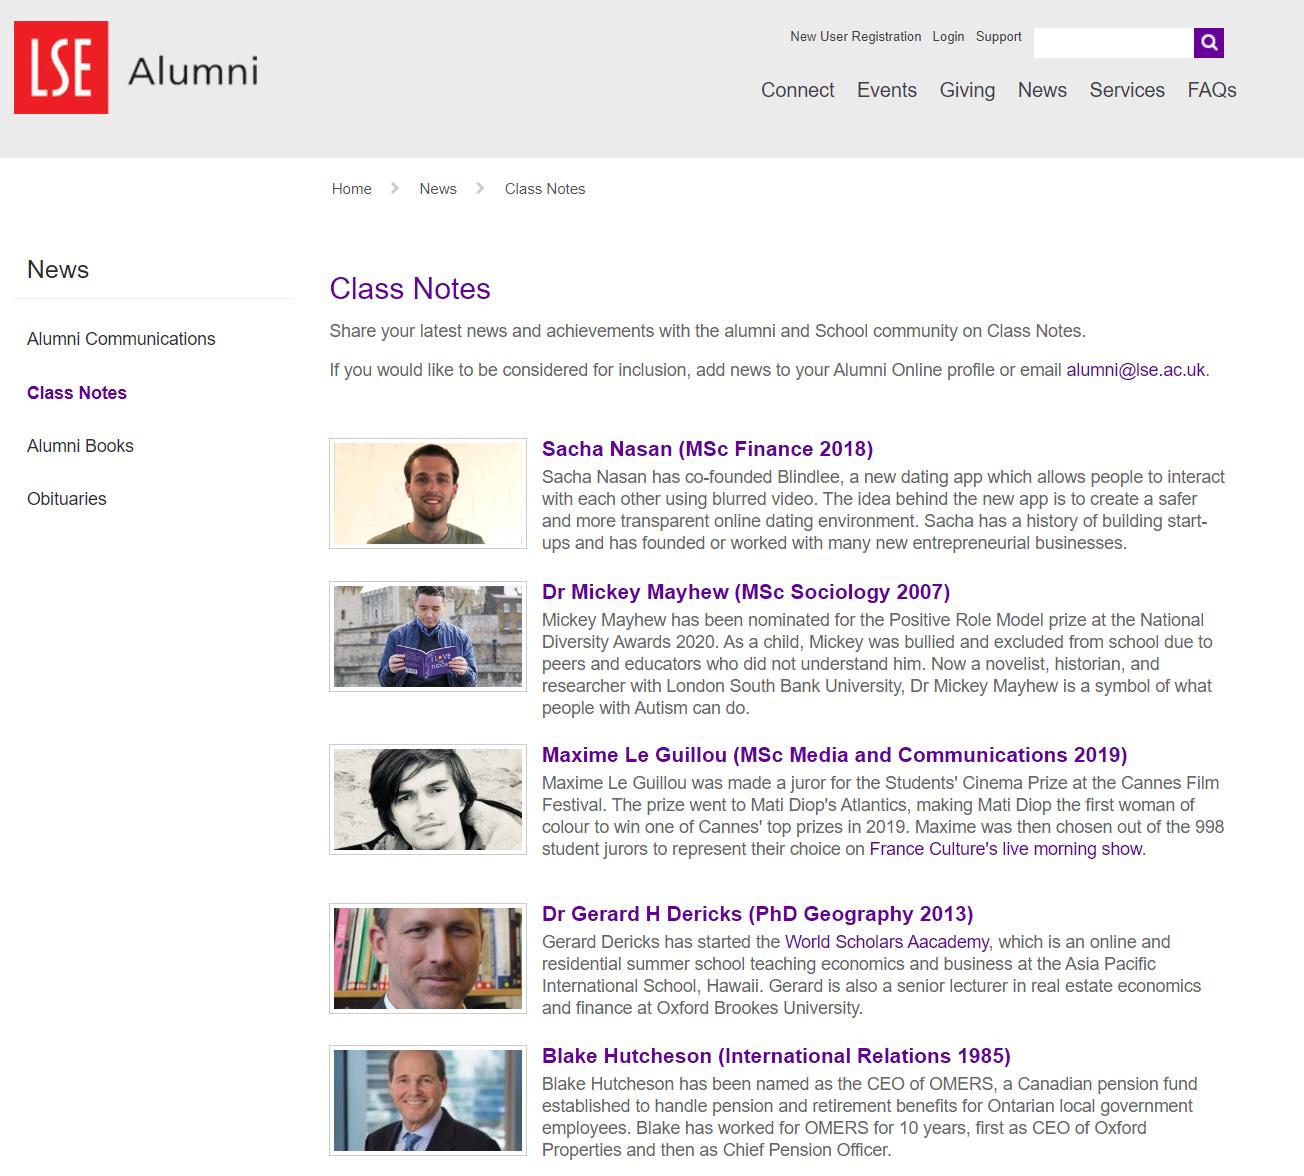 LSE_Alumni